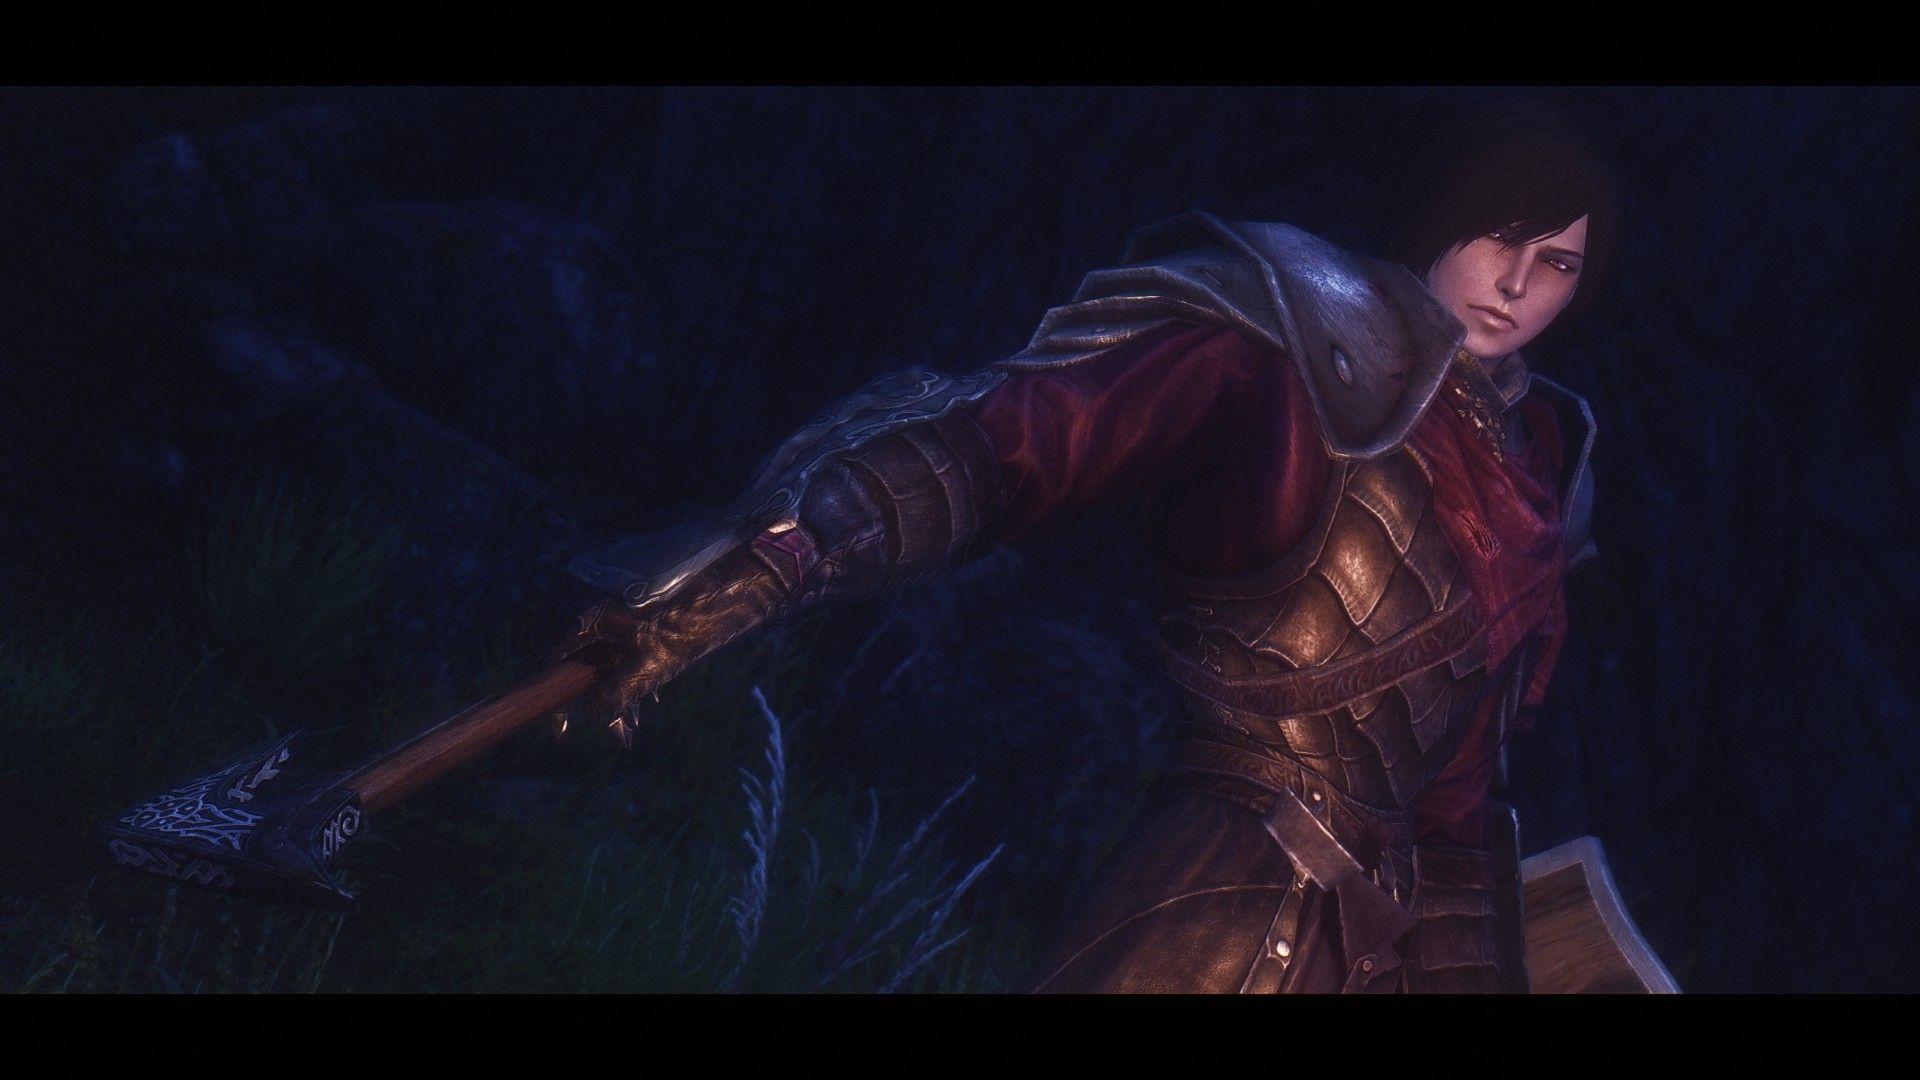 Hubert Ferrier Vampire Male Follower At Skyrim Nexus Mods And Community Skyrim Skyrim Nexus Mods Vampire